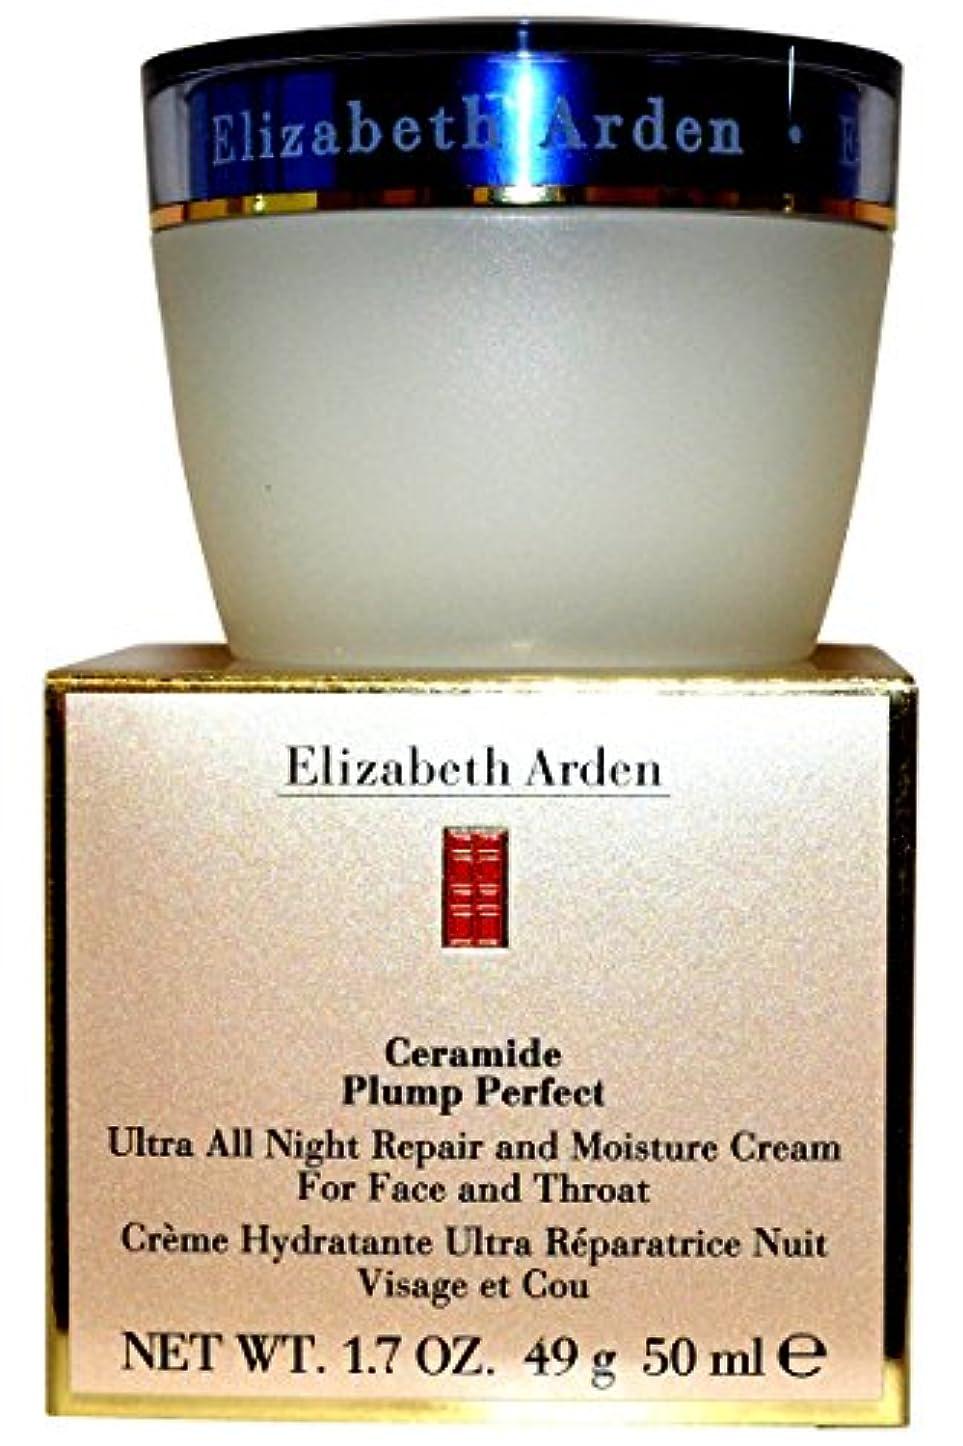 対応寄り添う自己尊重エリザベスアーデン セラミドリフト&ファームナイトクリーム 50ml 50ml/1.7oz